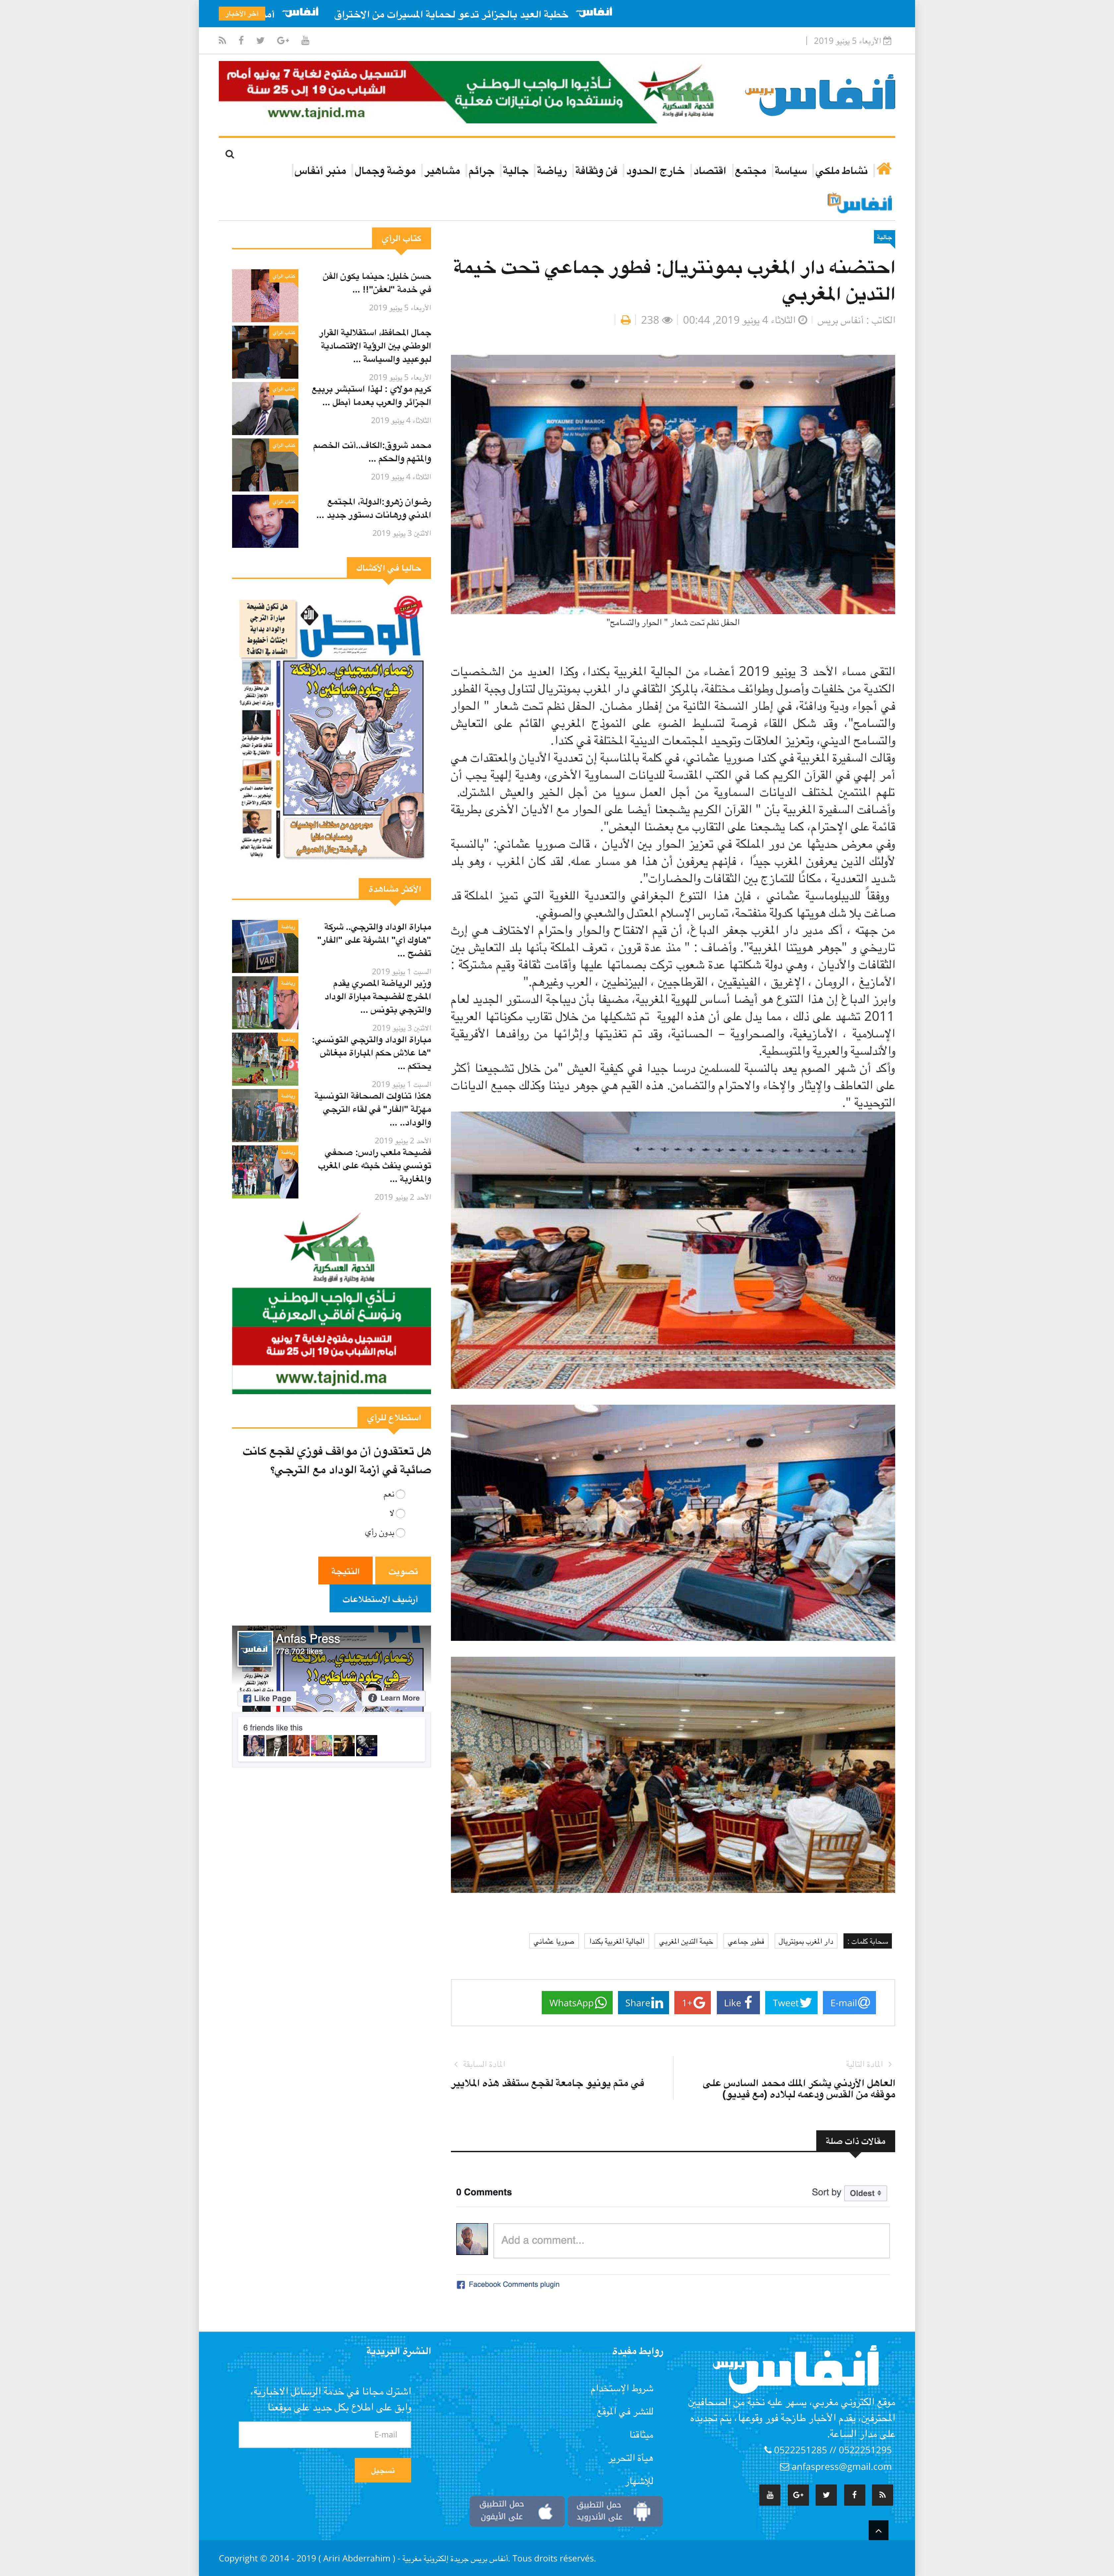 احتضنه دار المغرب بمونتريال: فطور جماعي تحت خيمة التدين المغربي